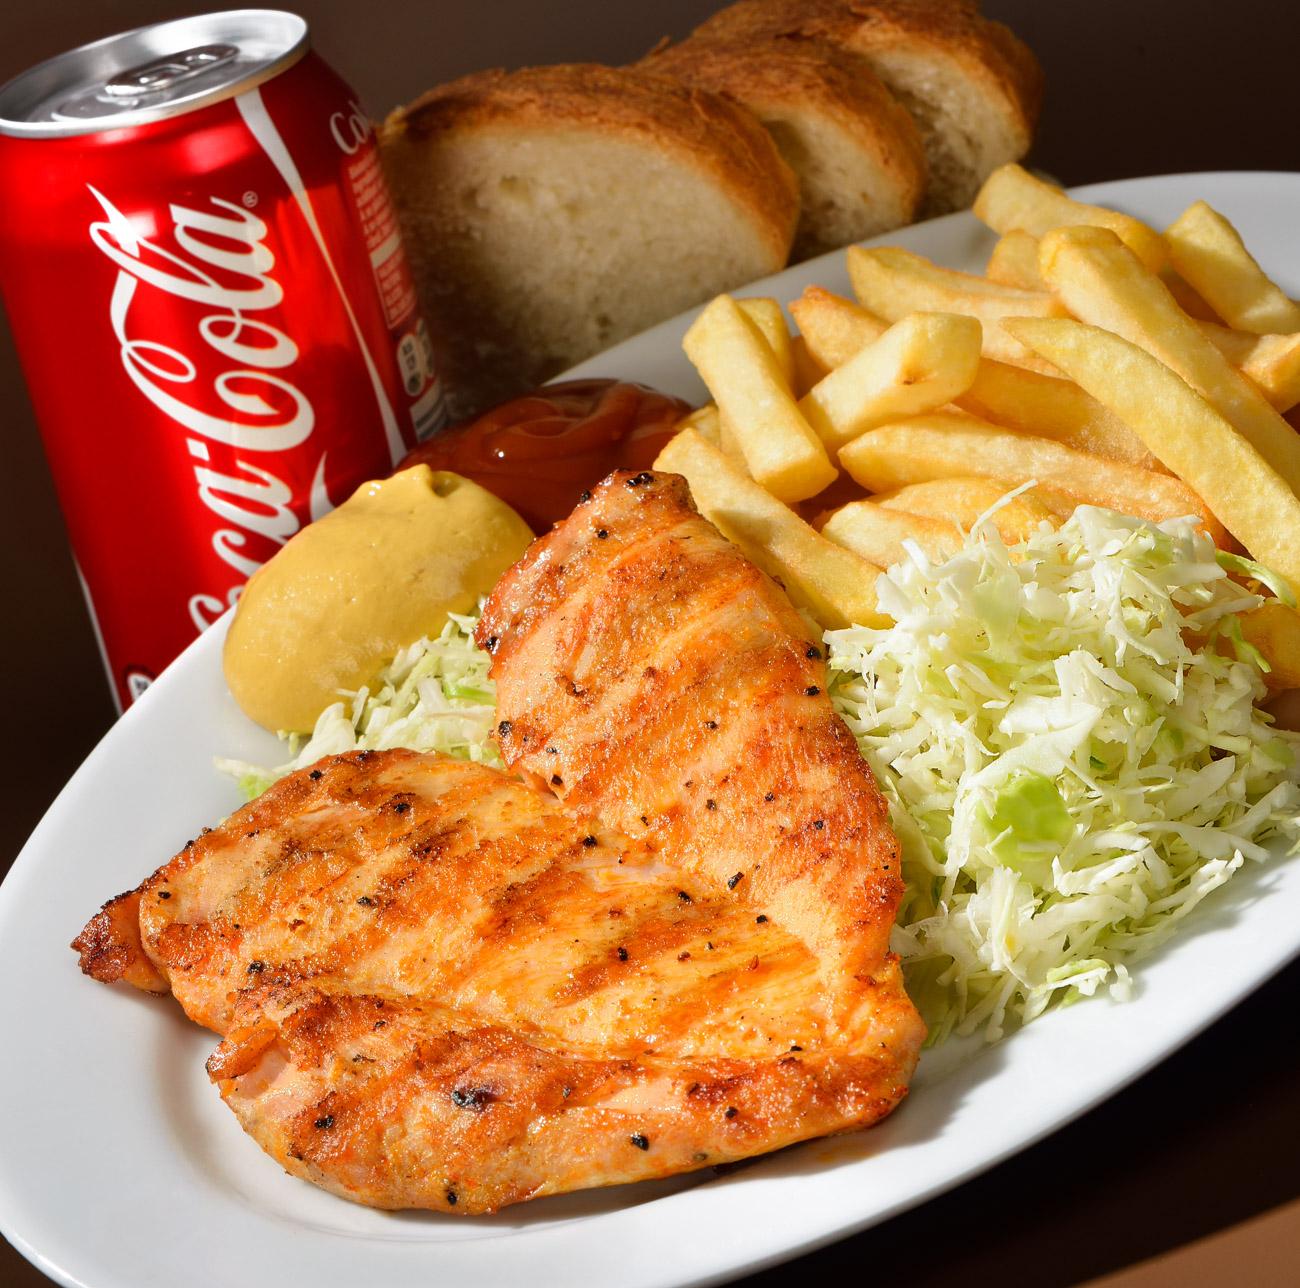 fotografie-culinara-fast-food-galerie-10239